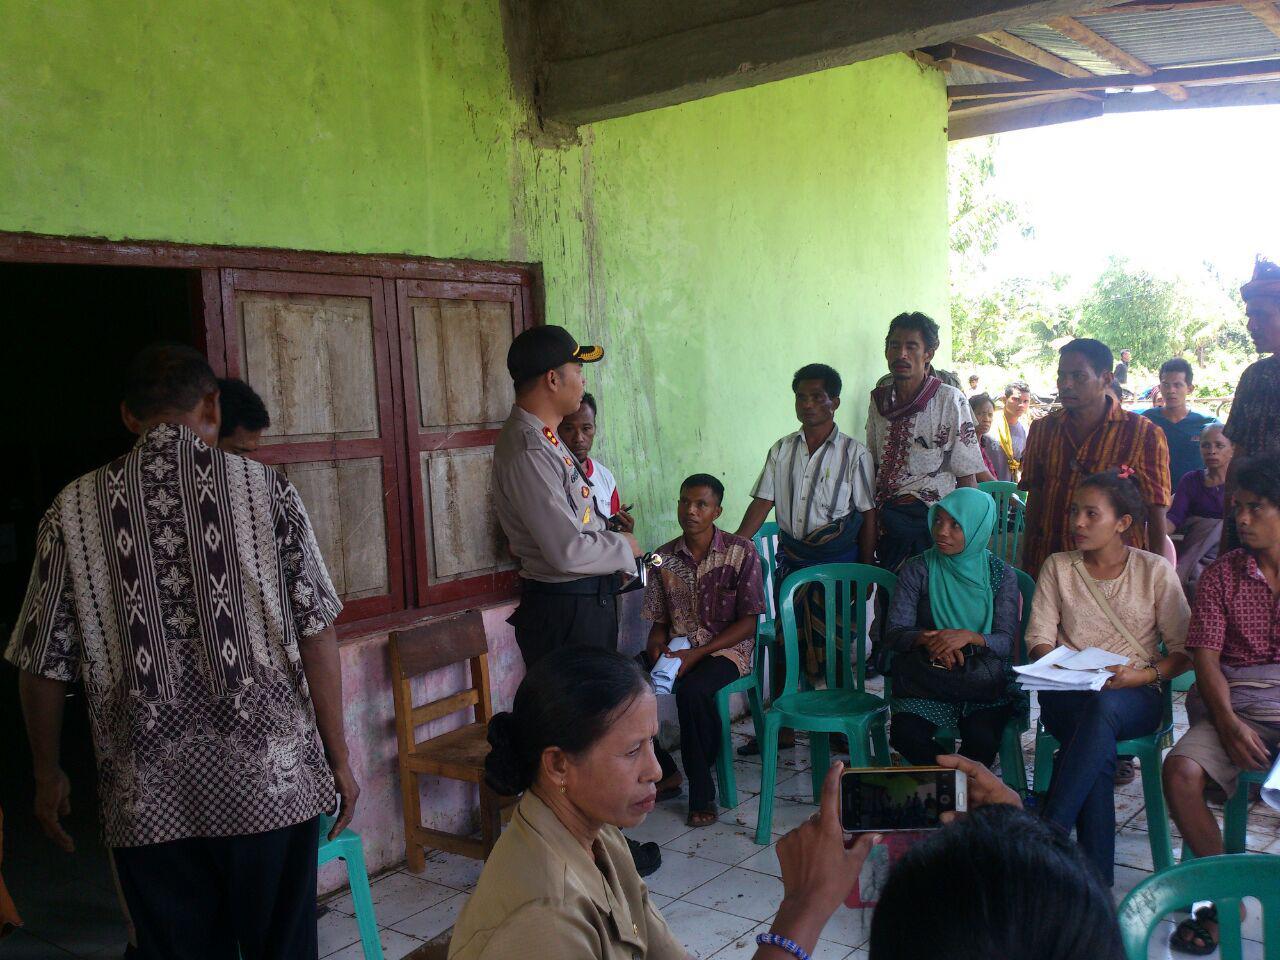 Kapolres Pimpin Pengamanan Pemilihan Ulang Kepala Desa Wura Homba